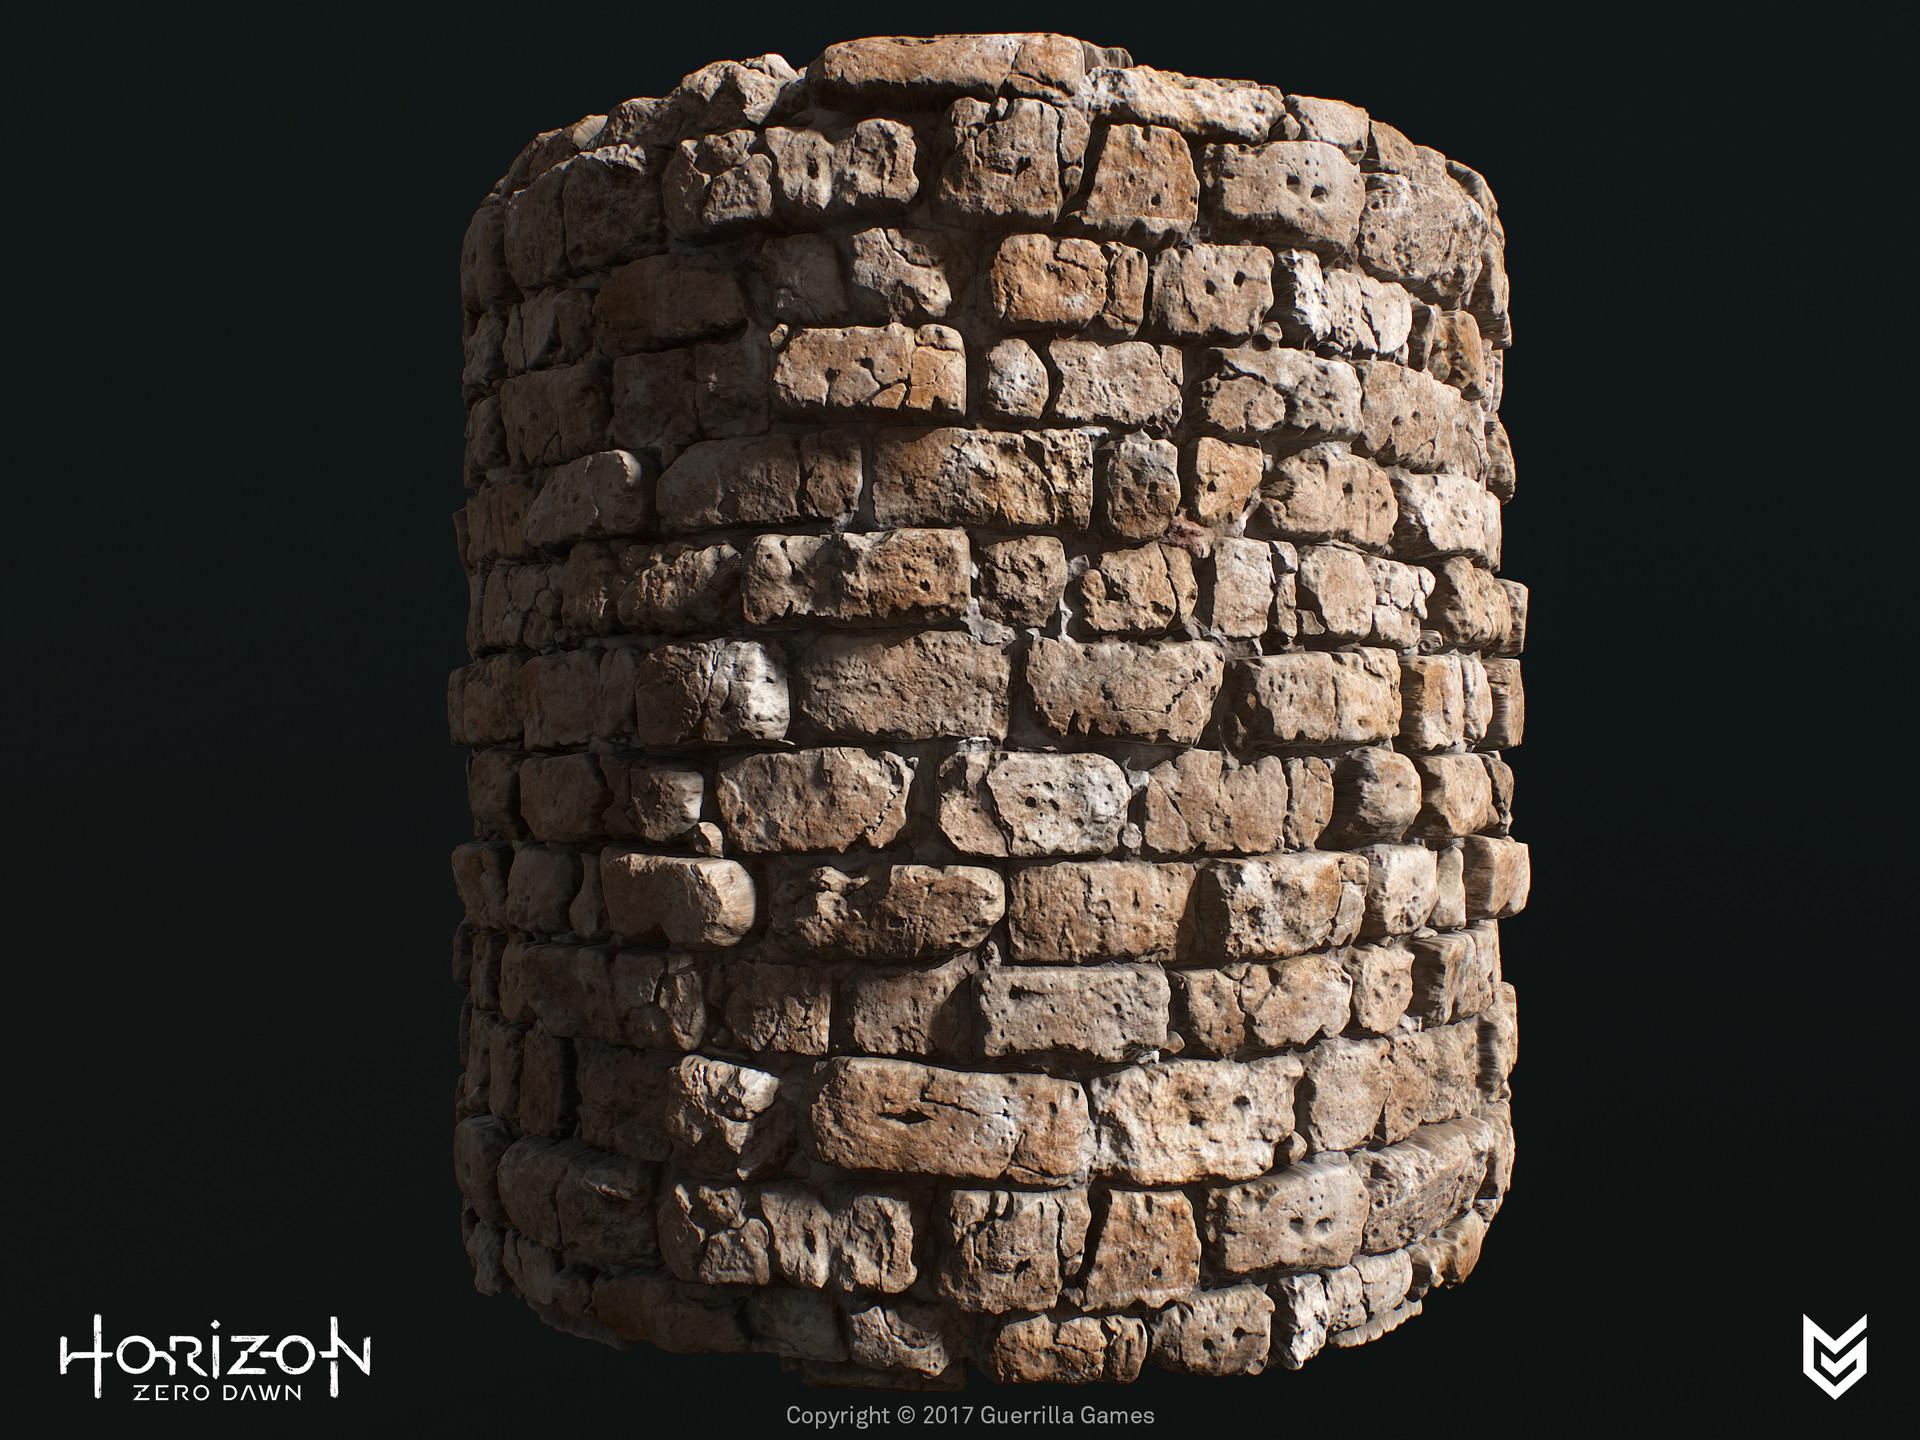 Stefan groenewoud plaster wall 05